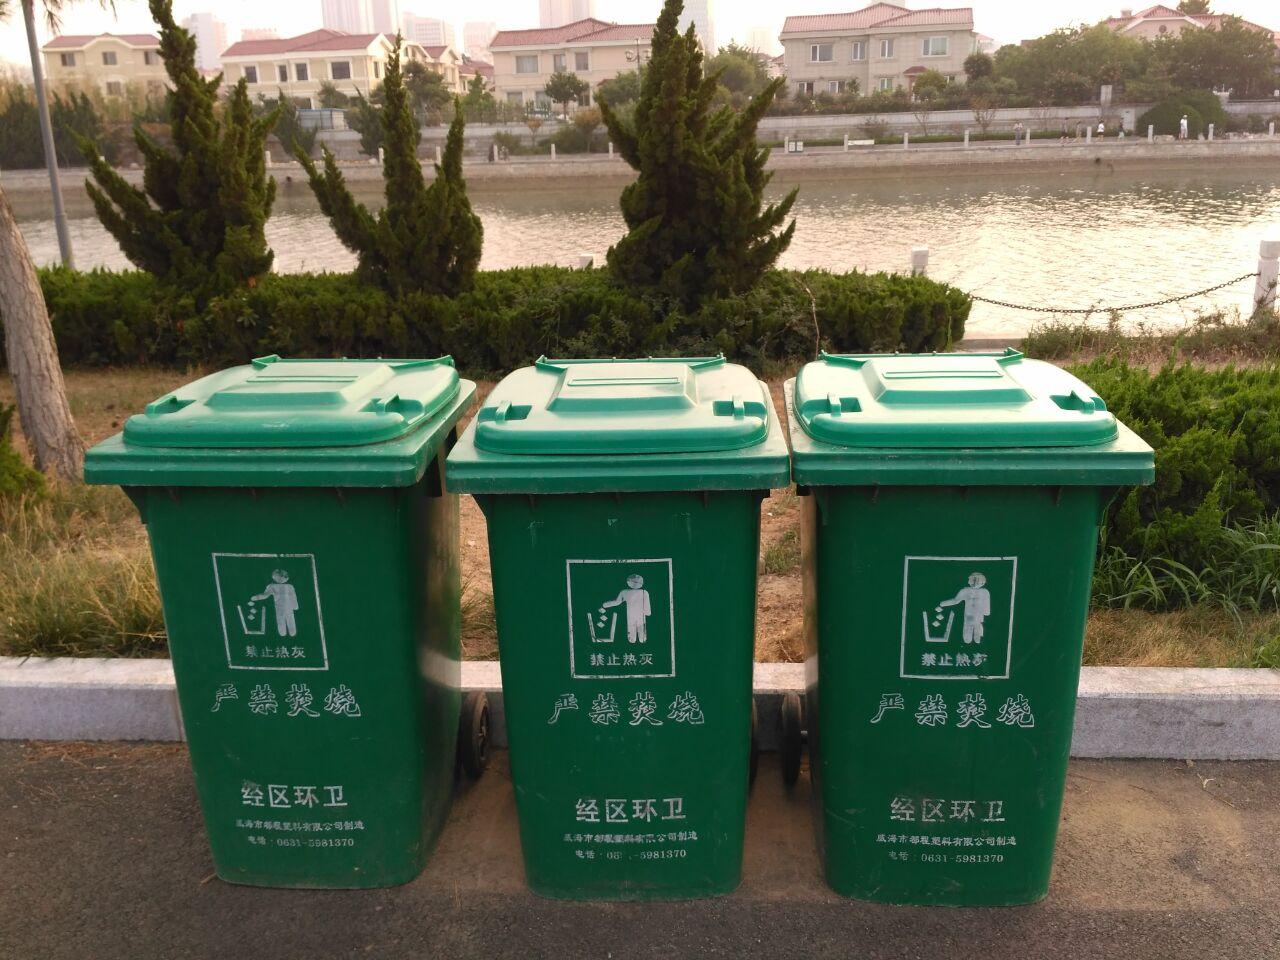 塑料垃圾桶原料知识详解